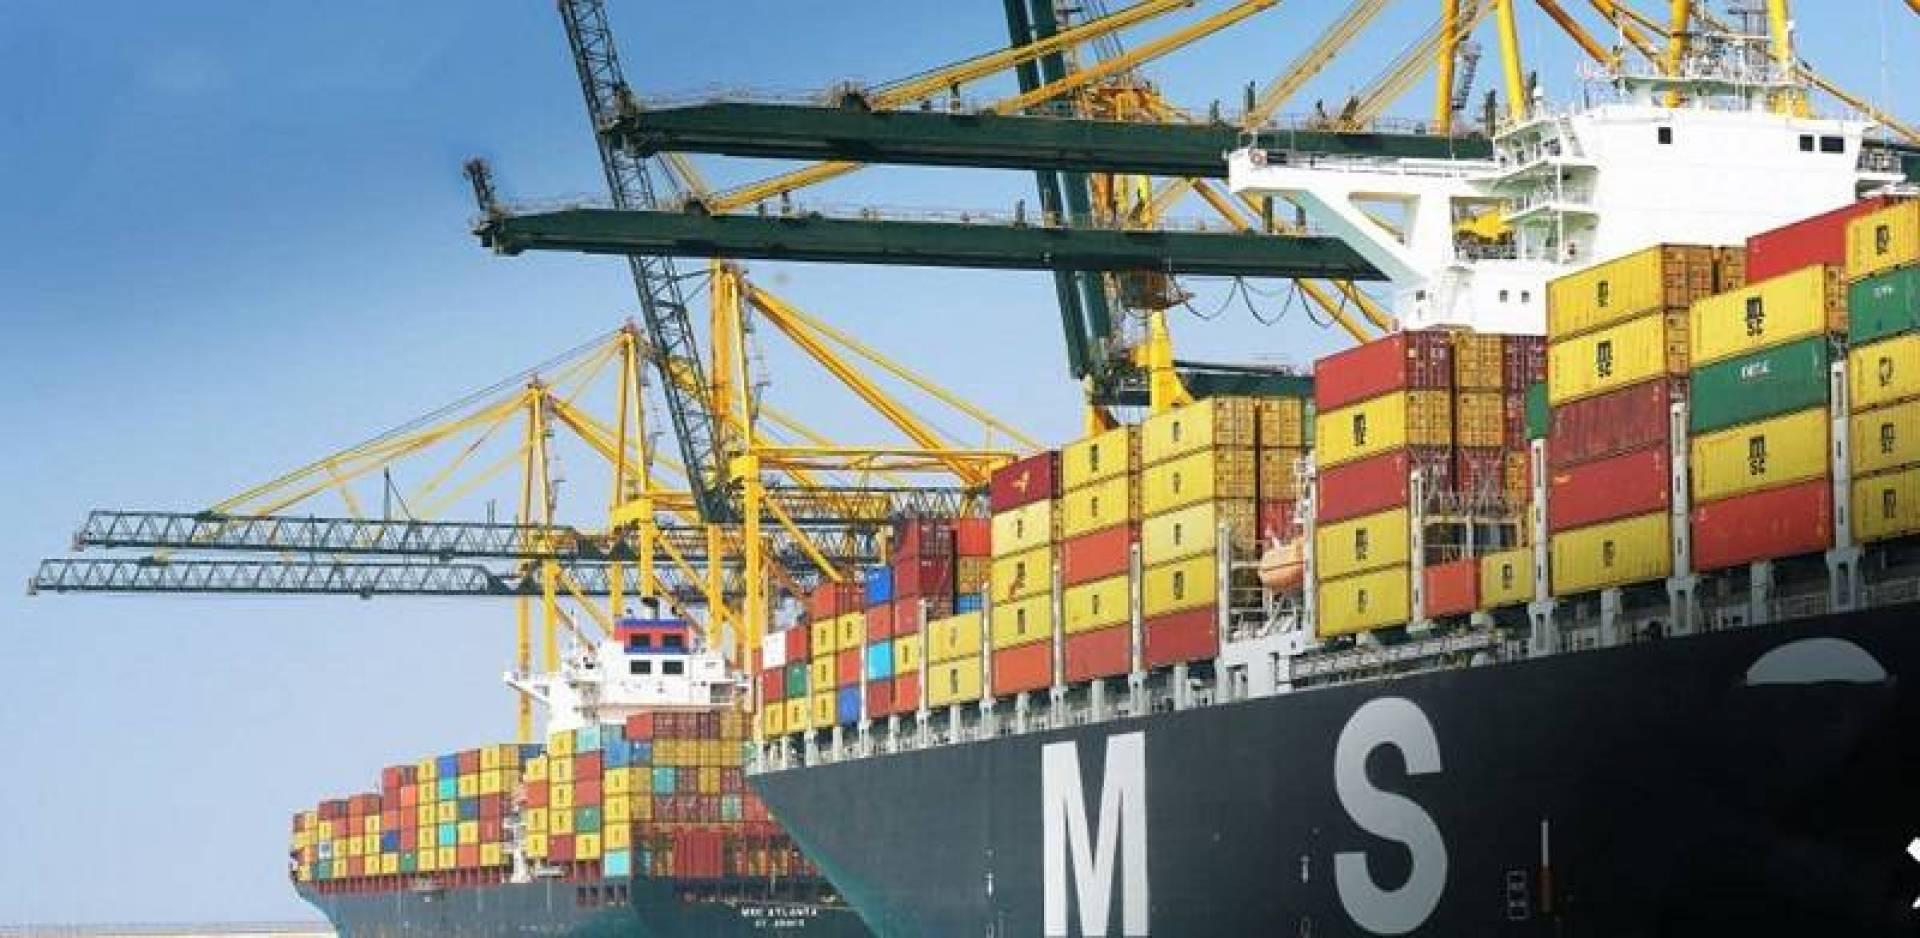 منظمة التجارة العالمية: تجارة السلع تتأثر سلبًا بالتوترات التجارية